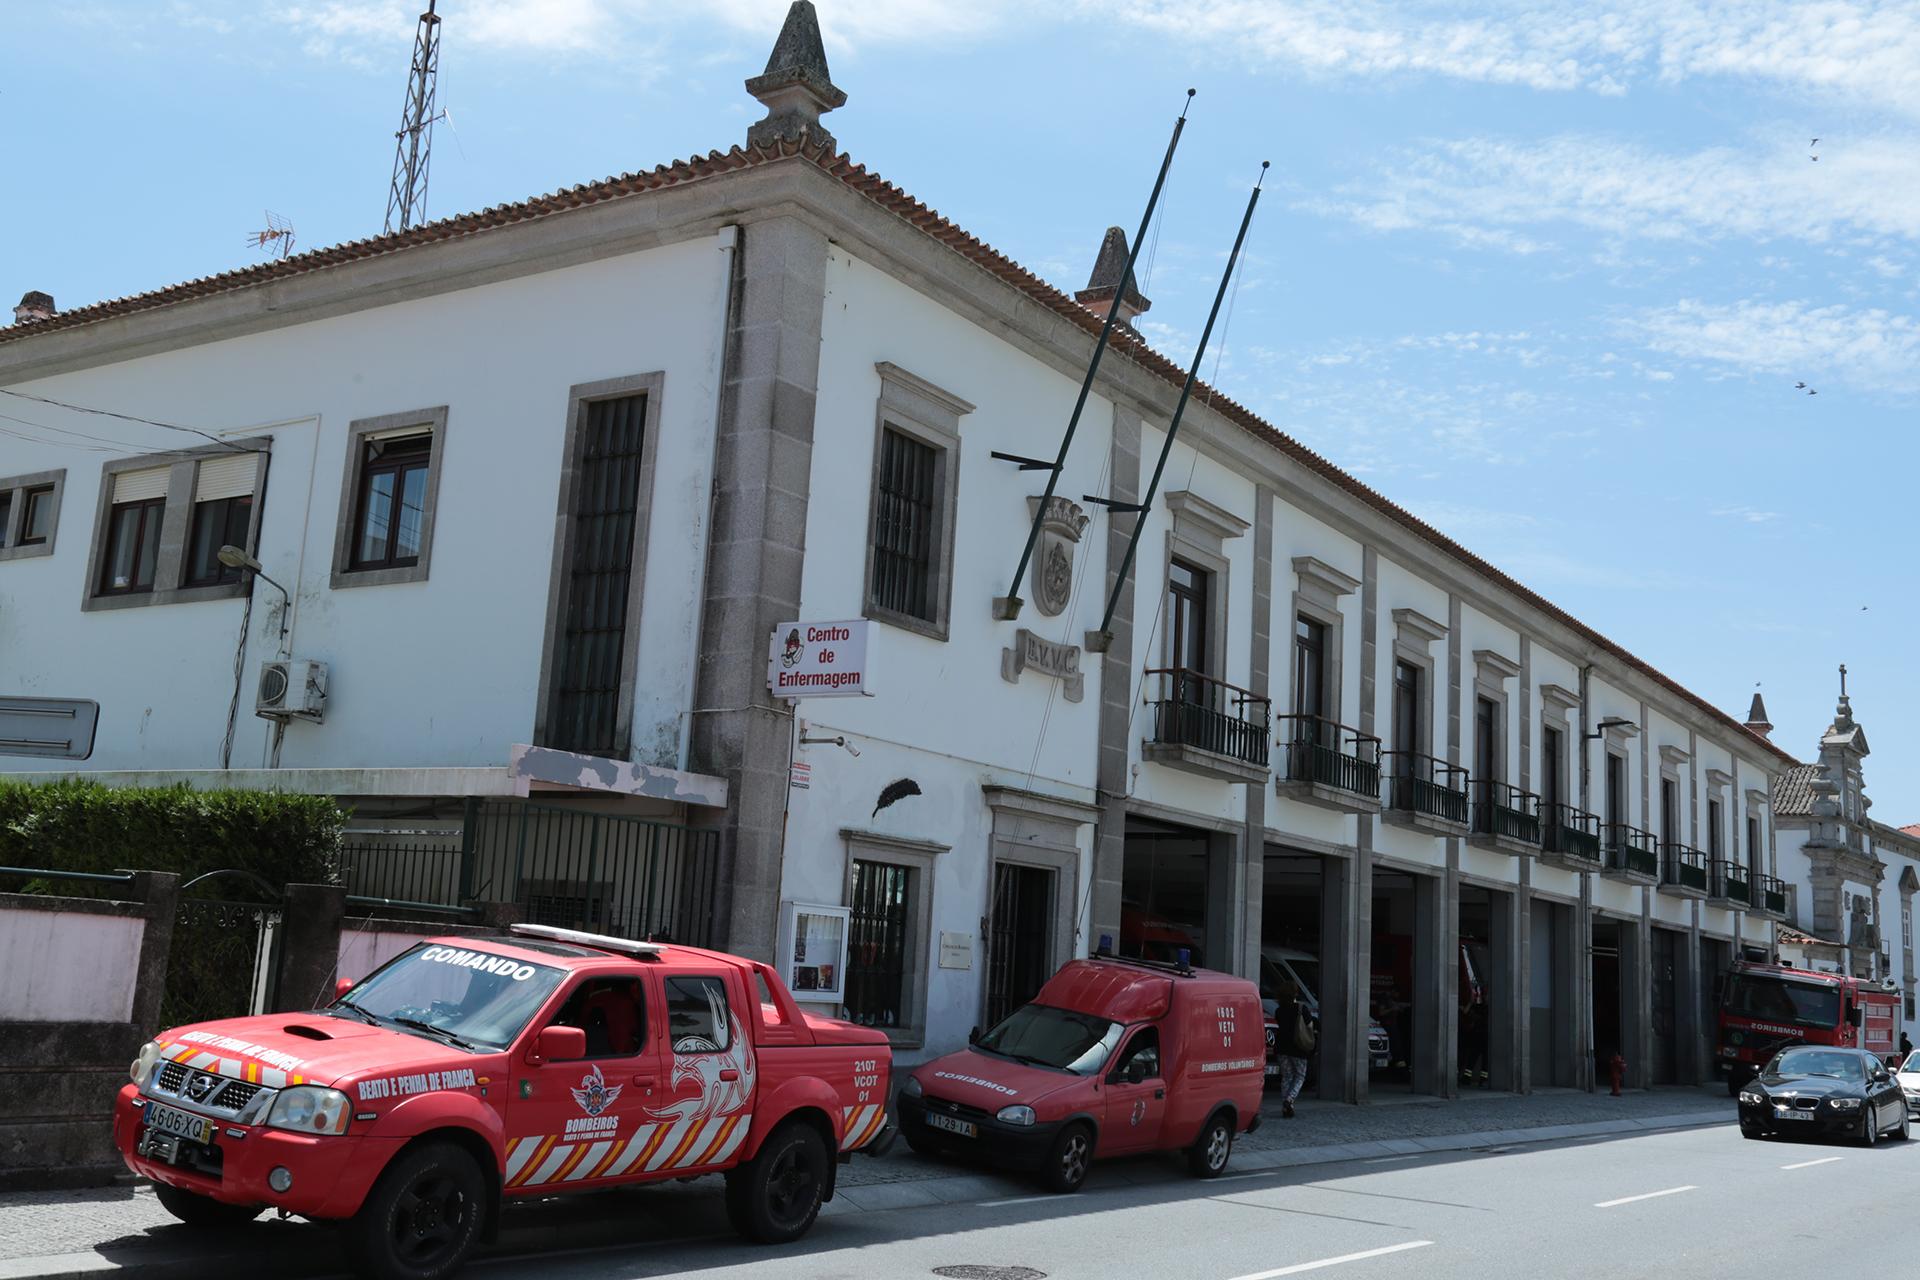 Bombeiros Voluntários de Viana do Castelo recebem nova viatura para prevenção de fogos